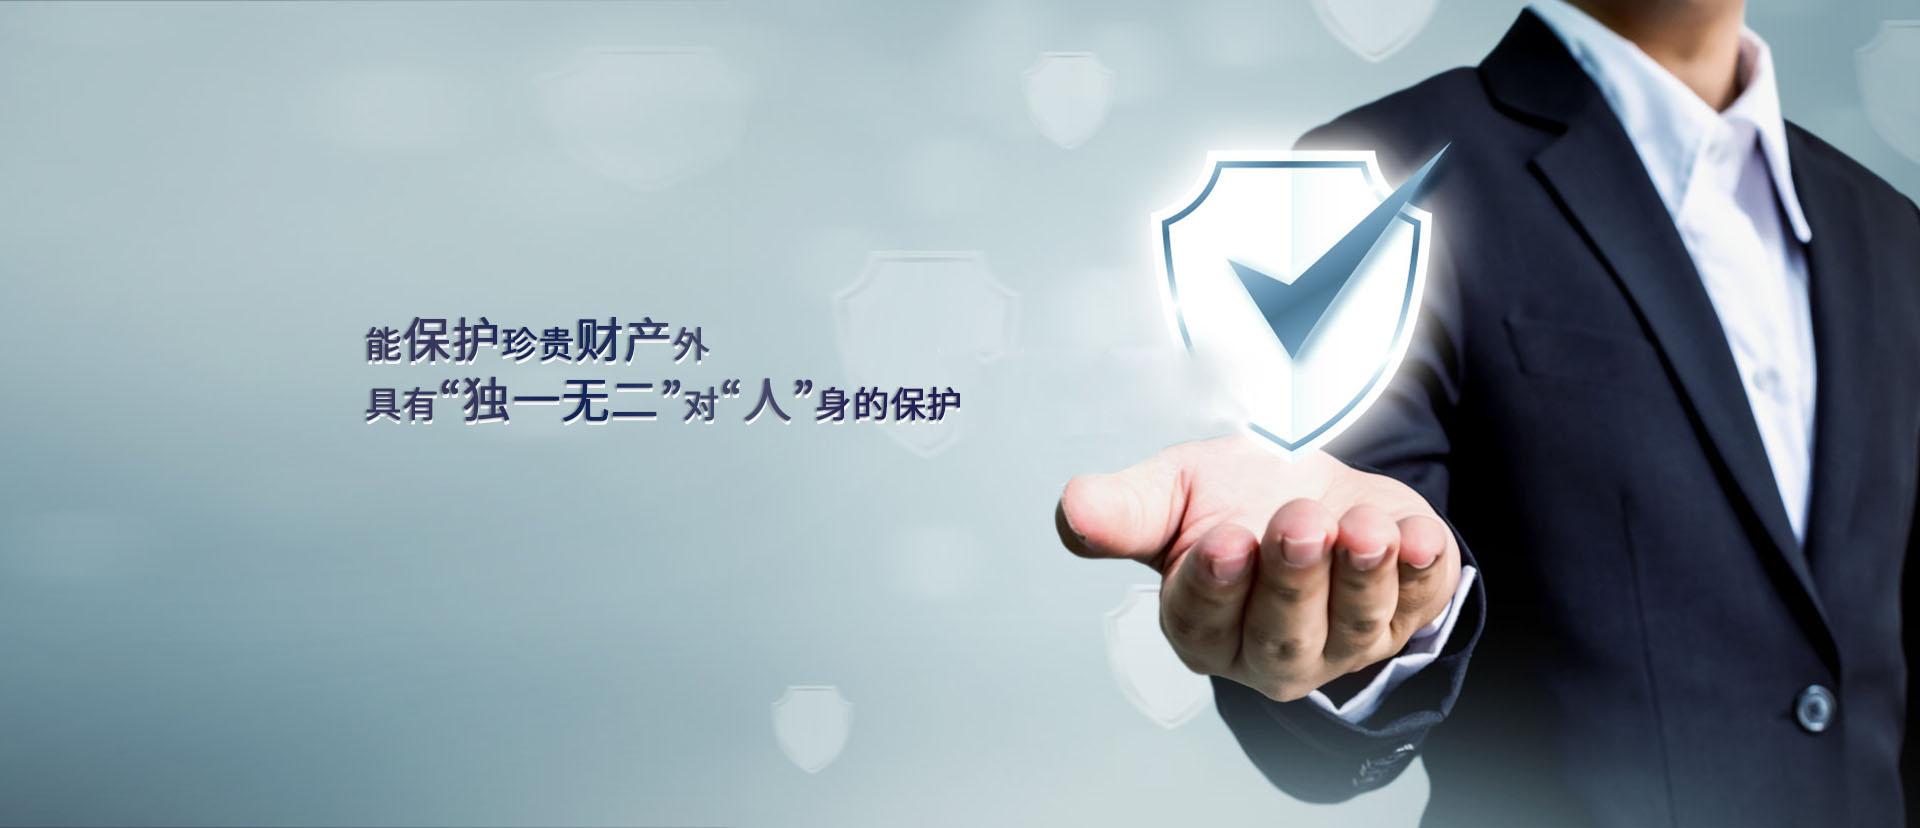 乐虎体育|唯一网址乐虎国际官方下载app